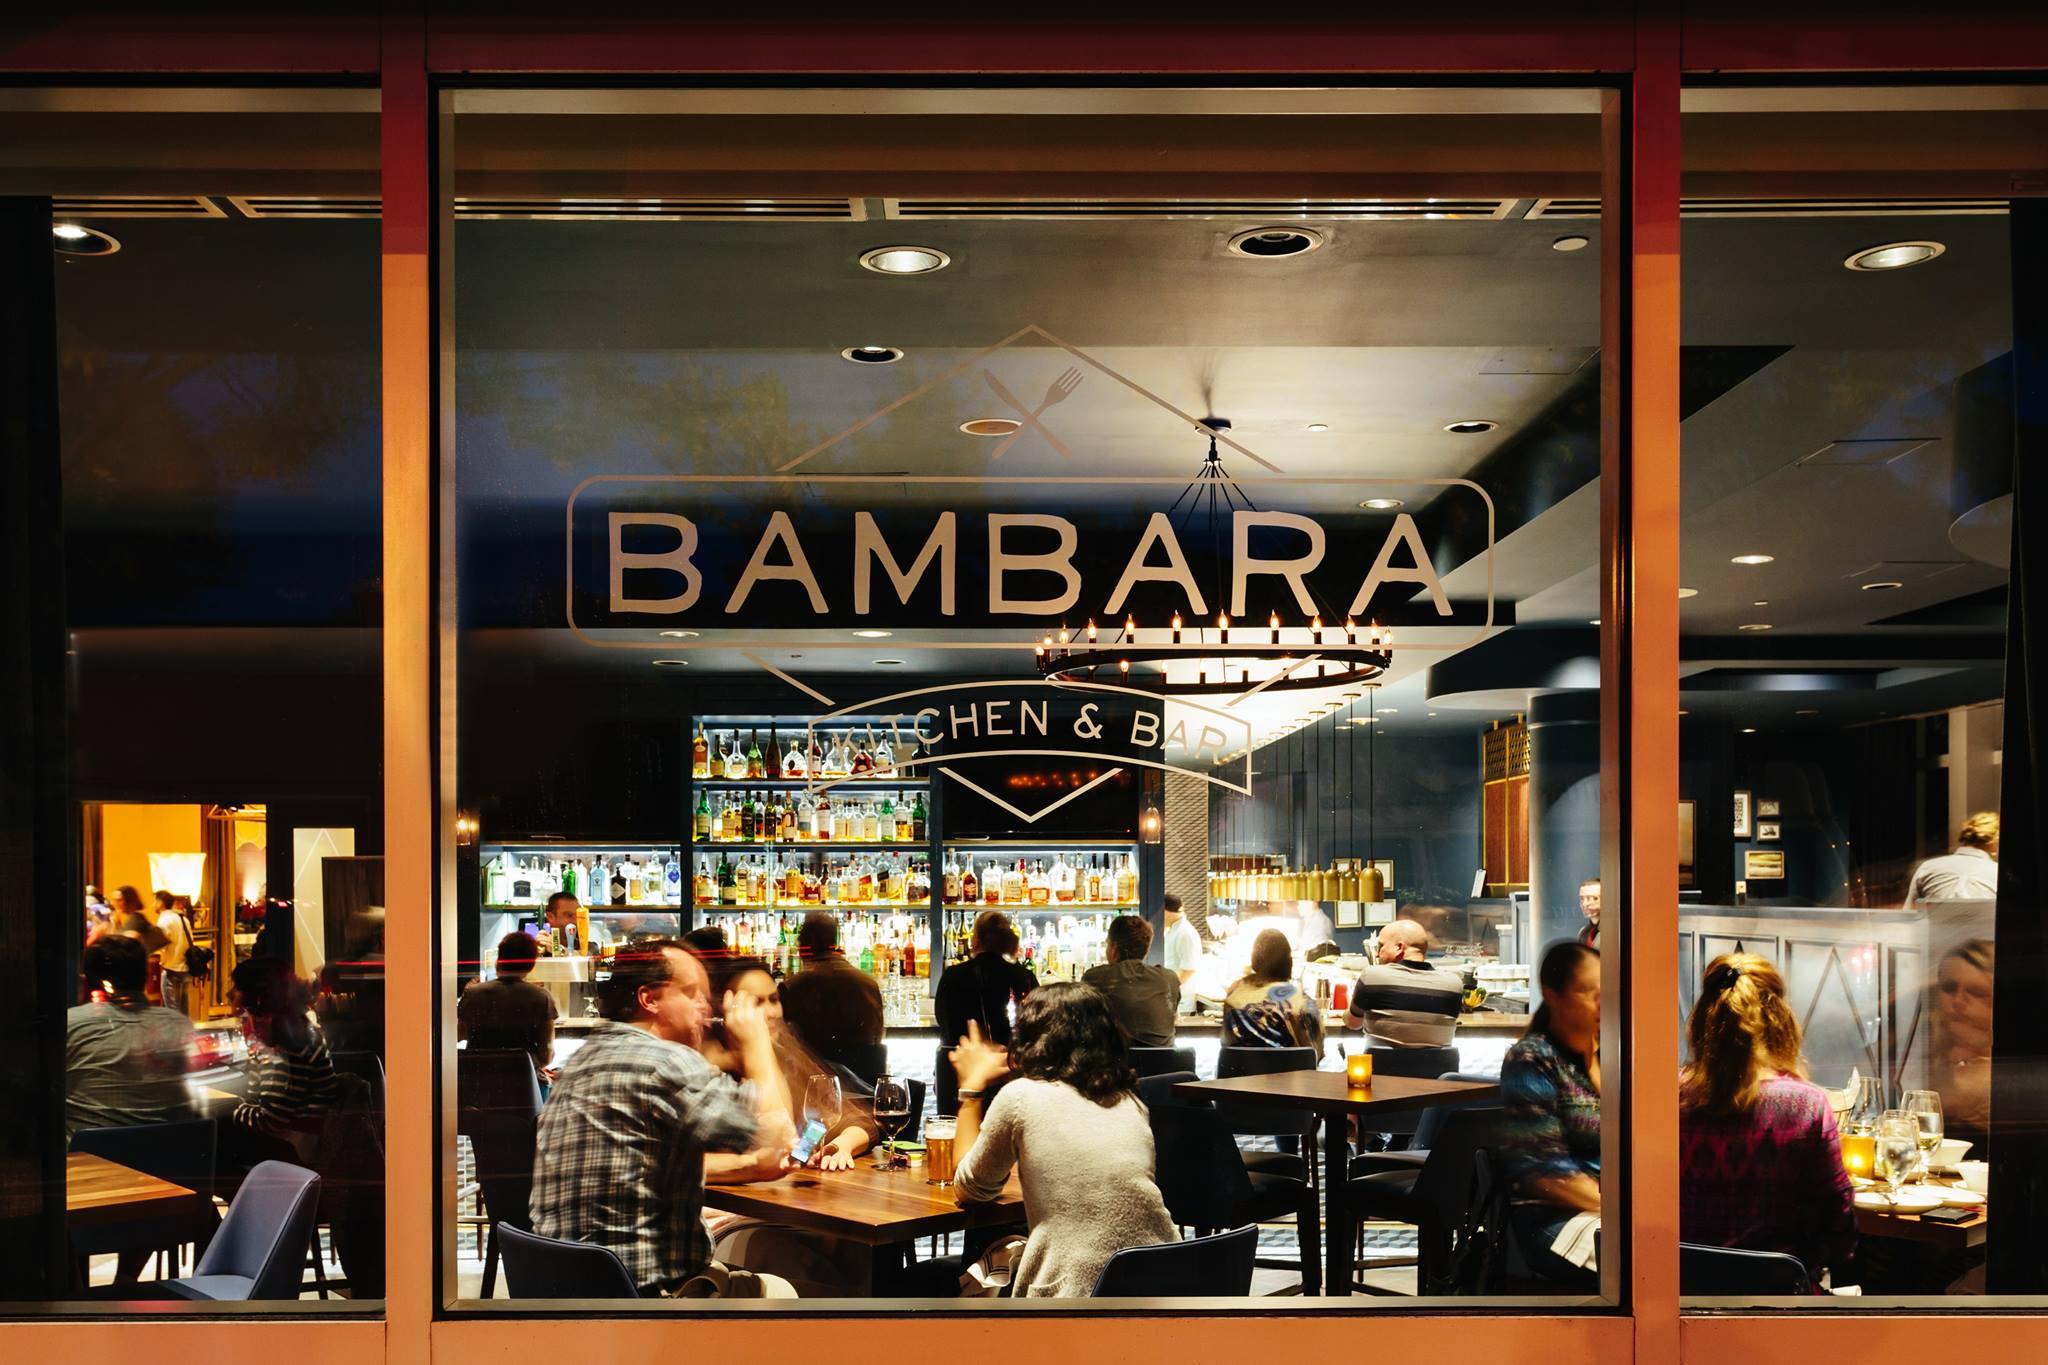 Bambara Kitchen & Bar